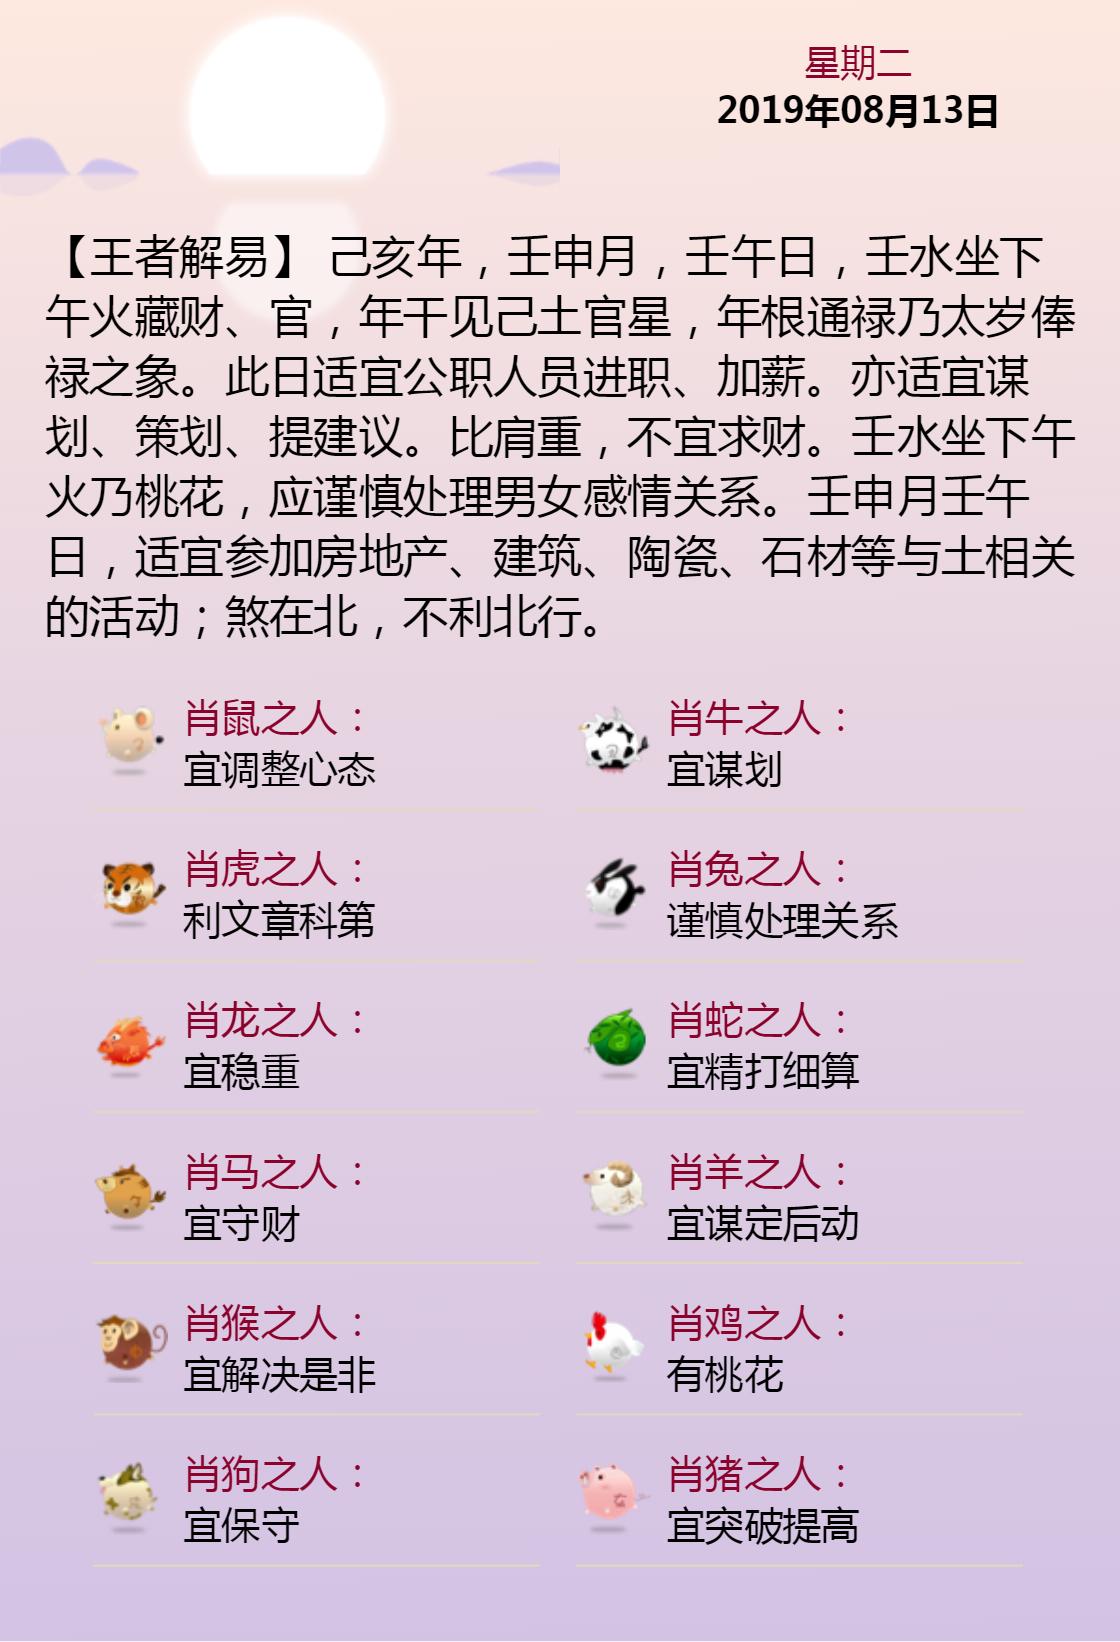 黄历海报20190813.png